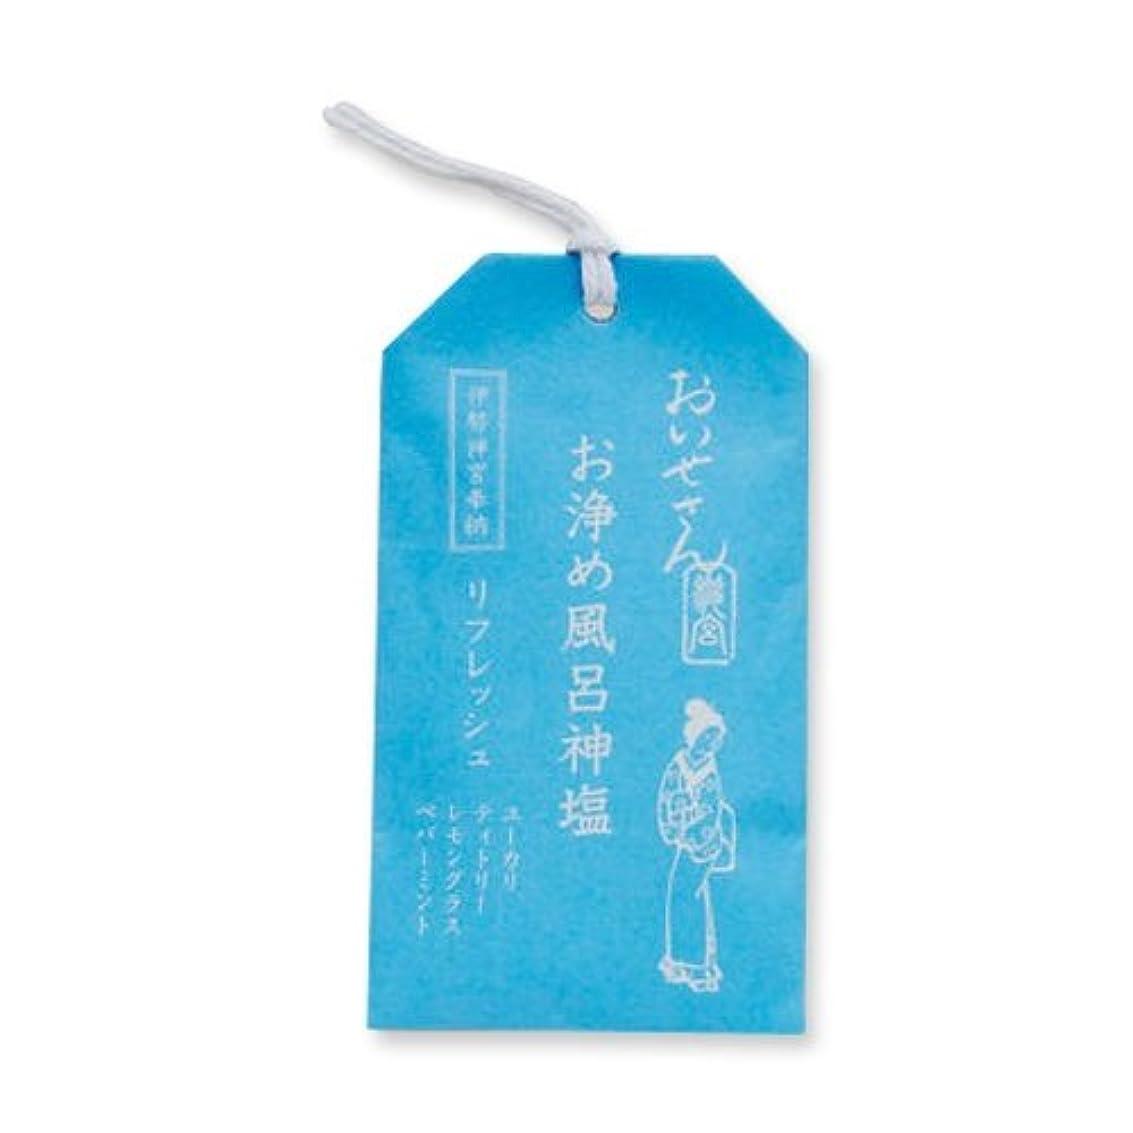 専門ヒップサッカーおいせさん お浄め風呂神塩 バス用ソルト(リフレッシュ) 20g